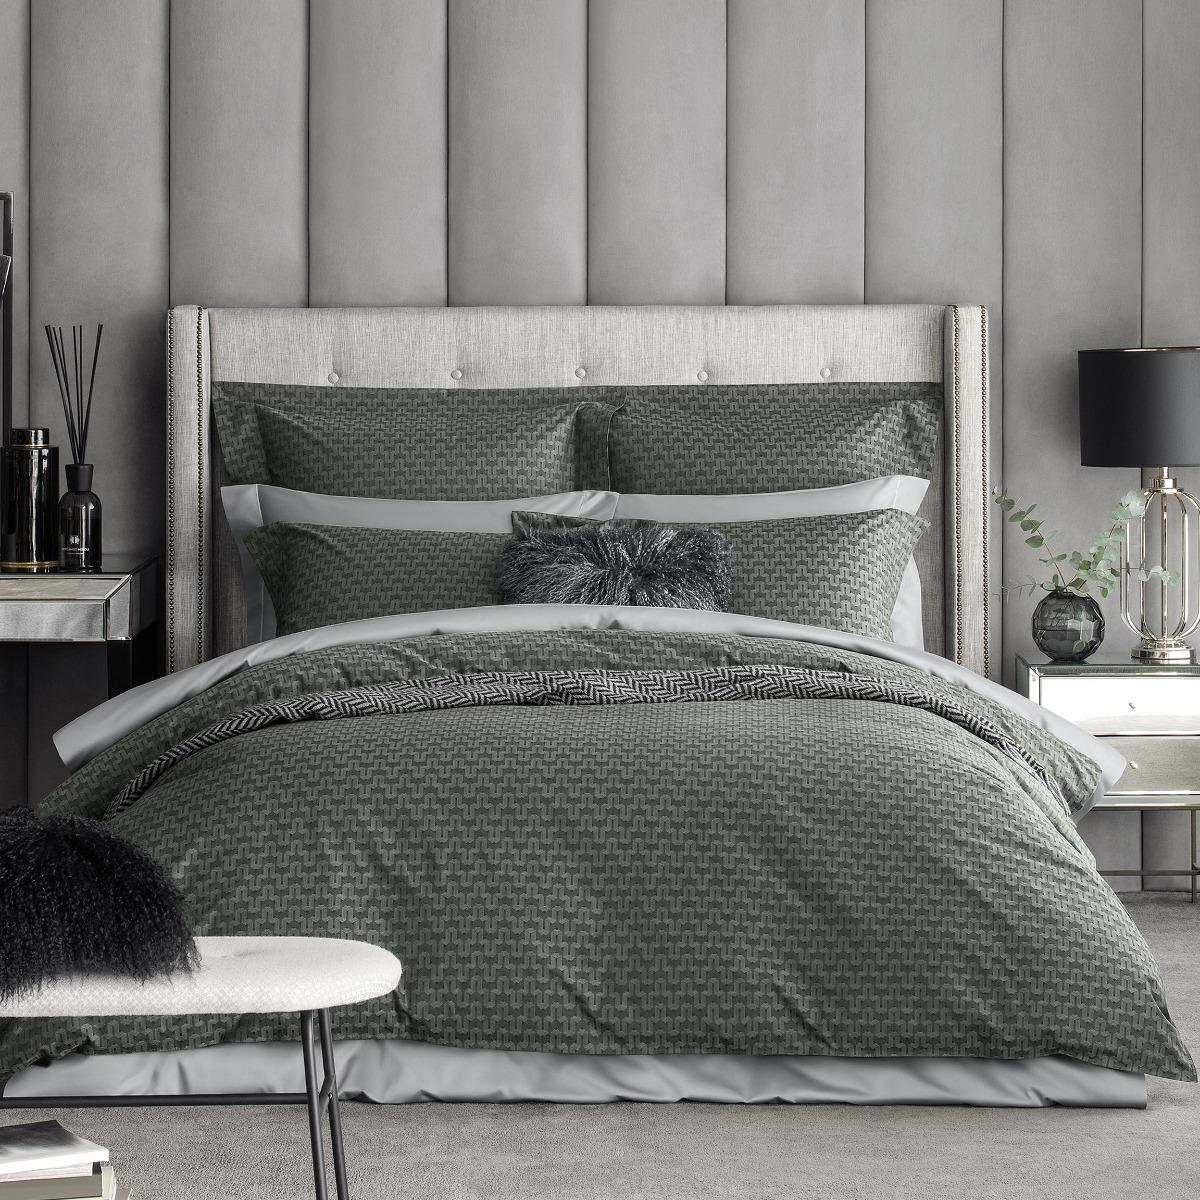 Комплект постельного белья Togas Кингстон тёмно-серый Евро